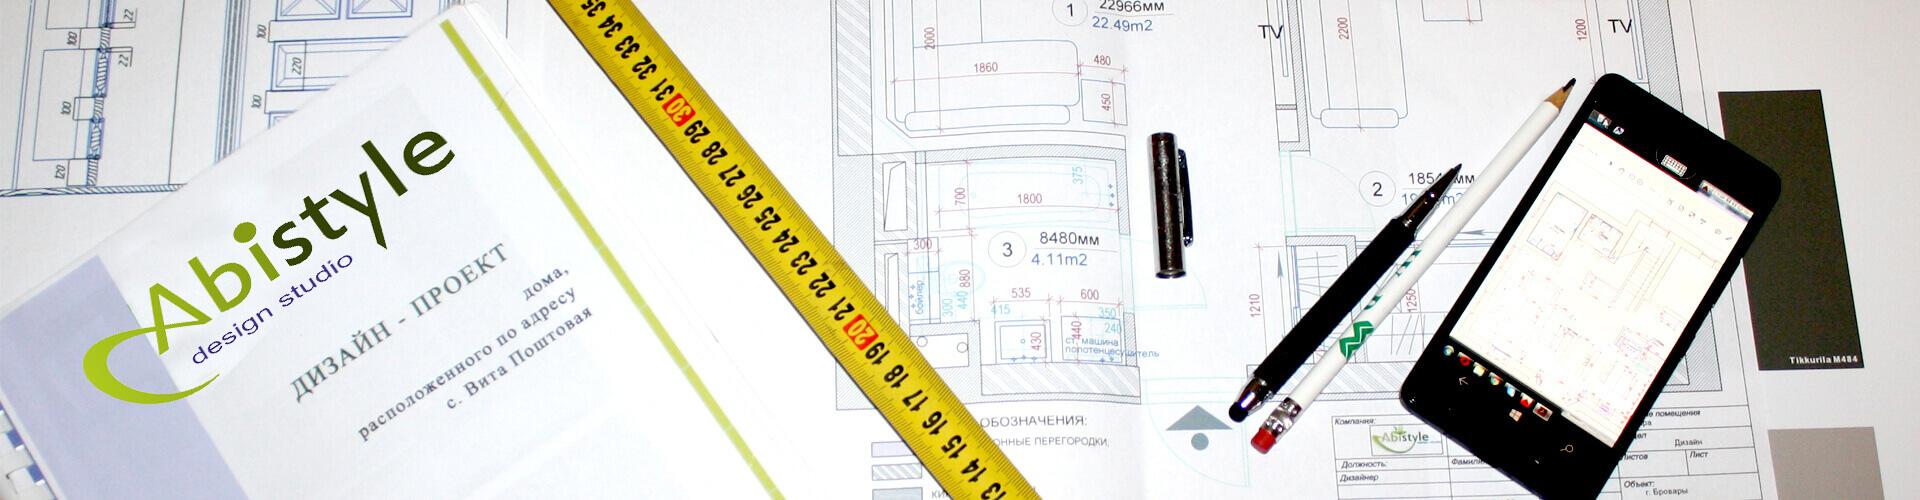 Удаленное проектирование поможет вам при создании жилья своей мечты